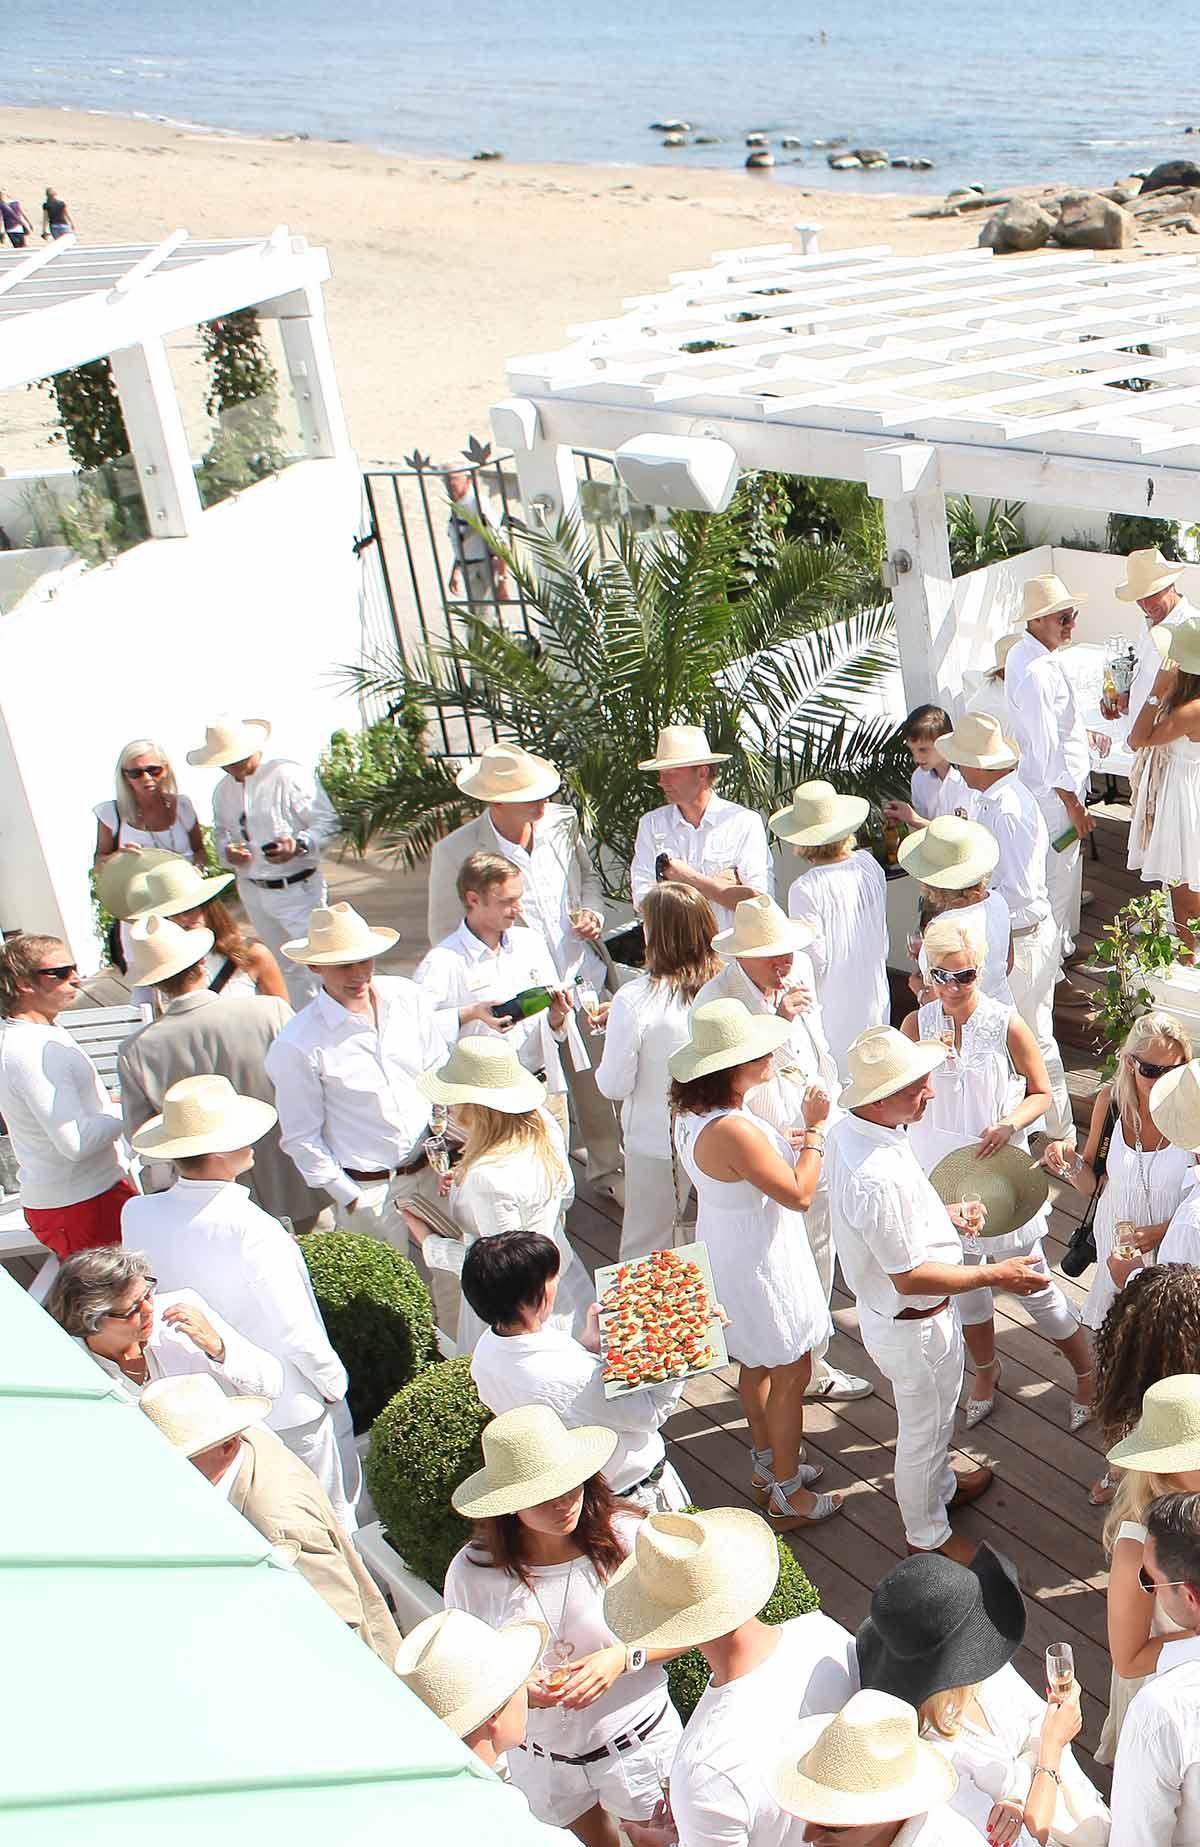 Njut i solen under fest, konferens eller kickoff på restaurang Bistro Mer på Falkenberg Strandbad